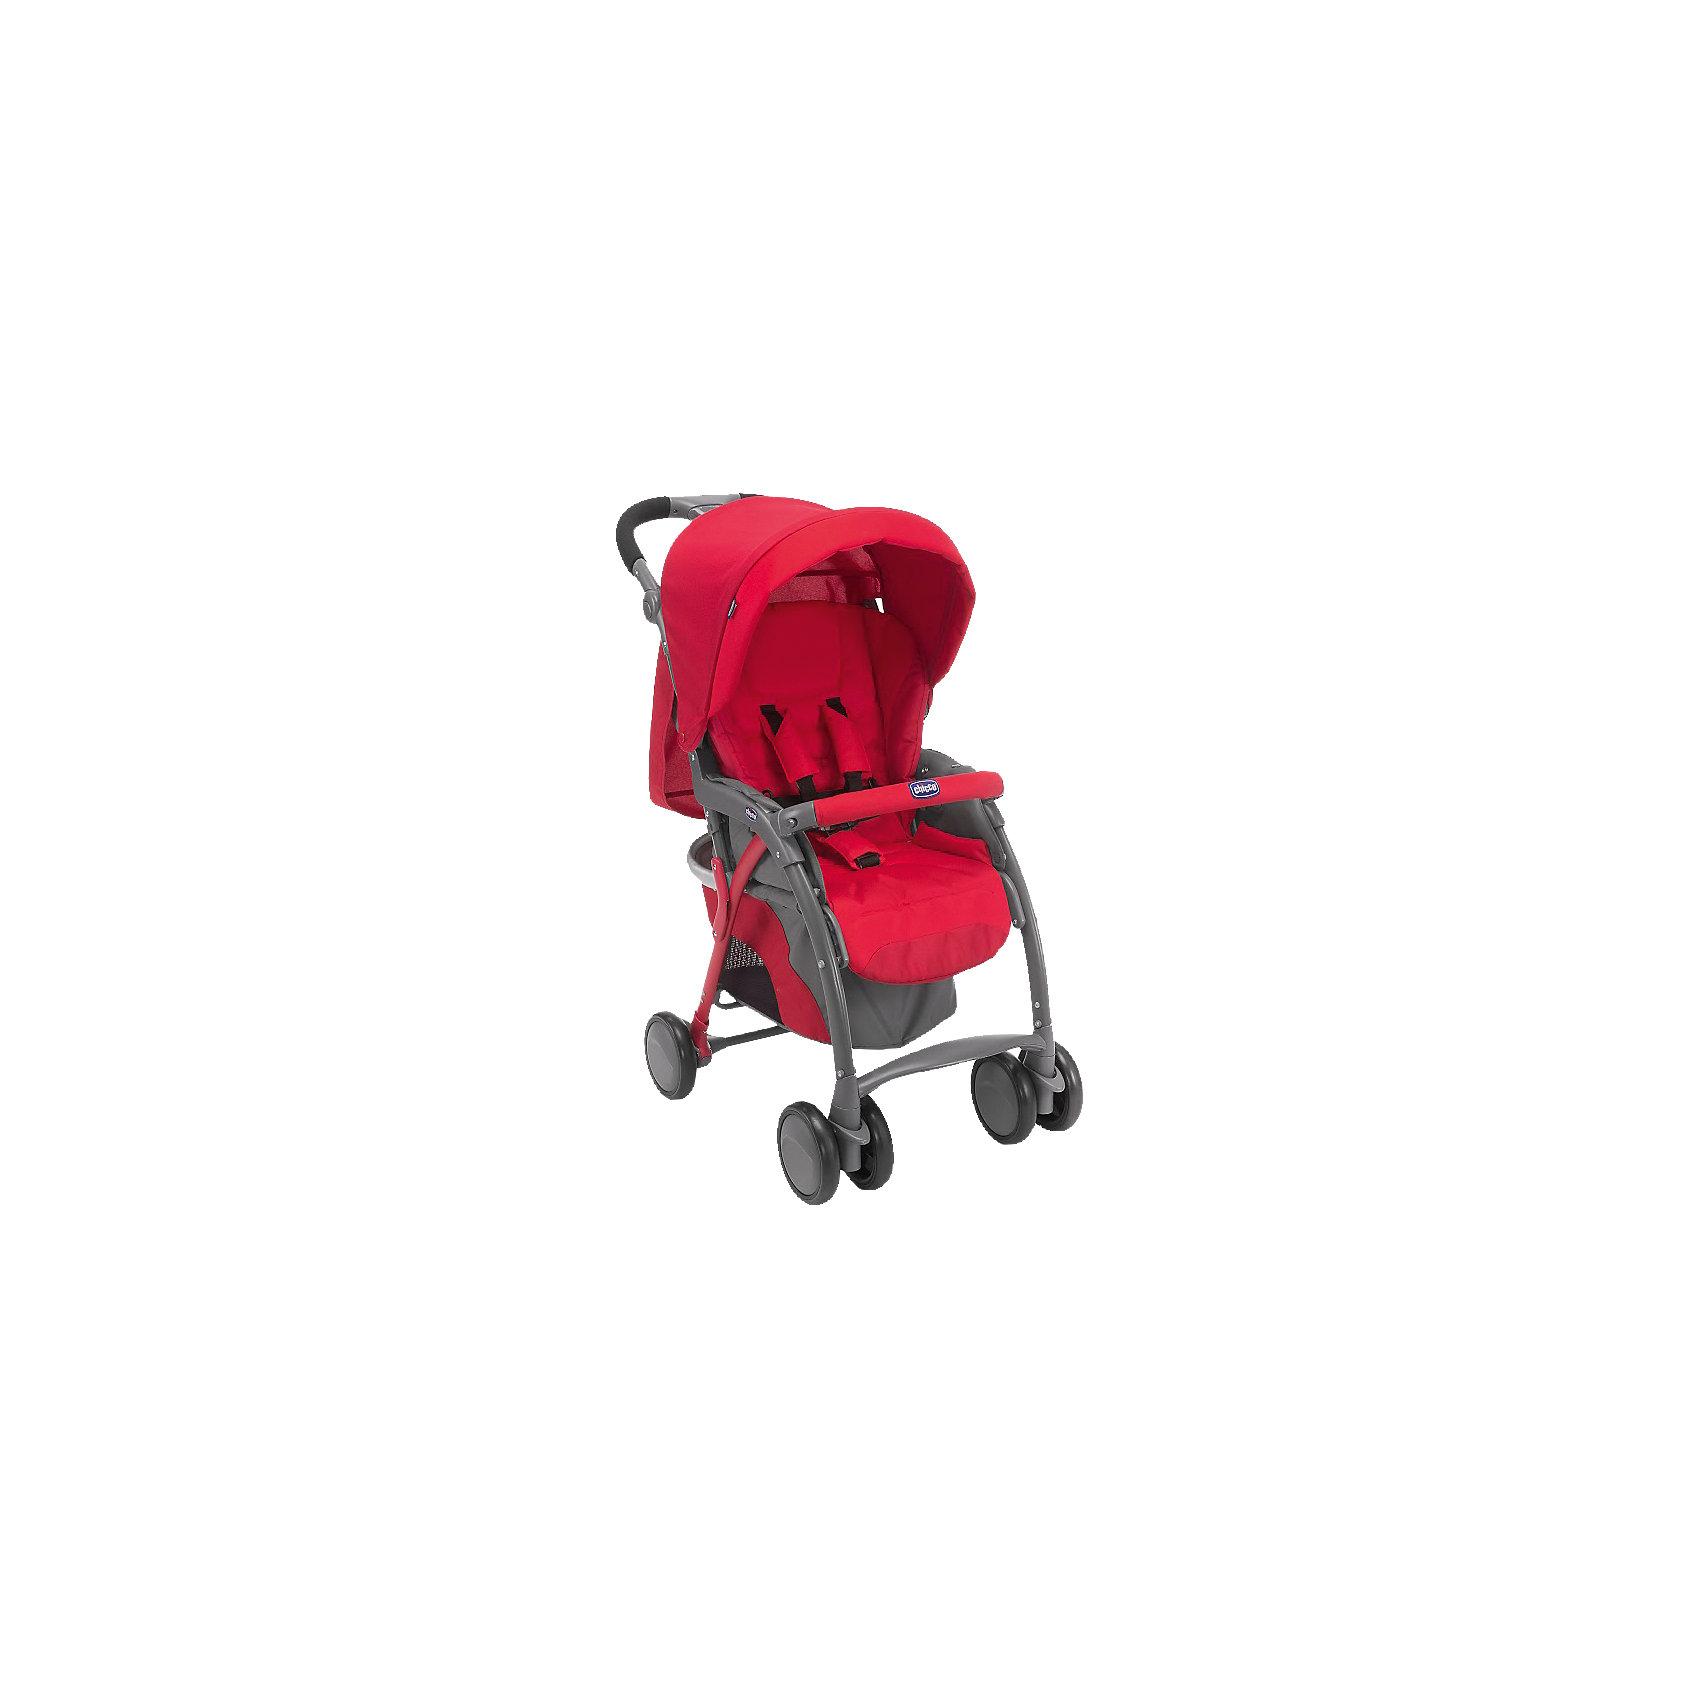 Прогулочная коляска Chicco Simplycity Plus Top, красный